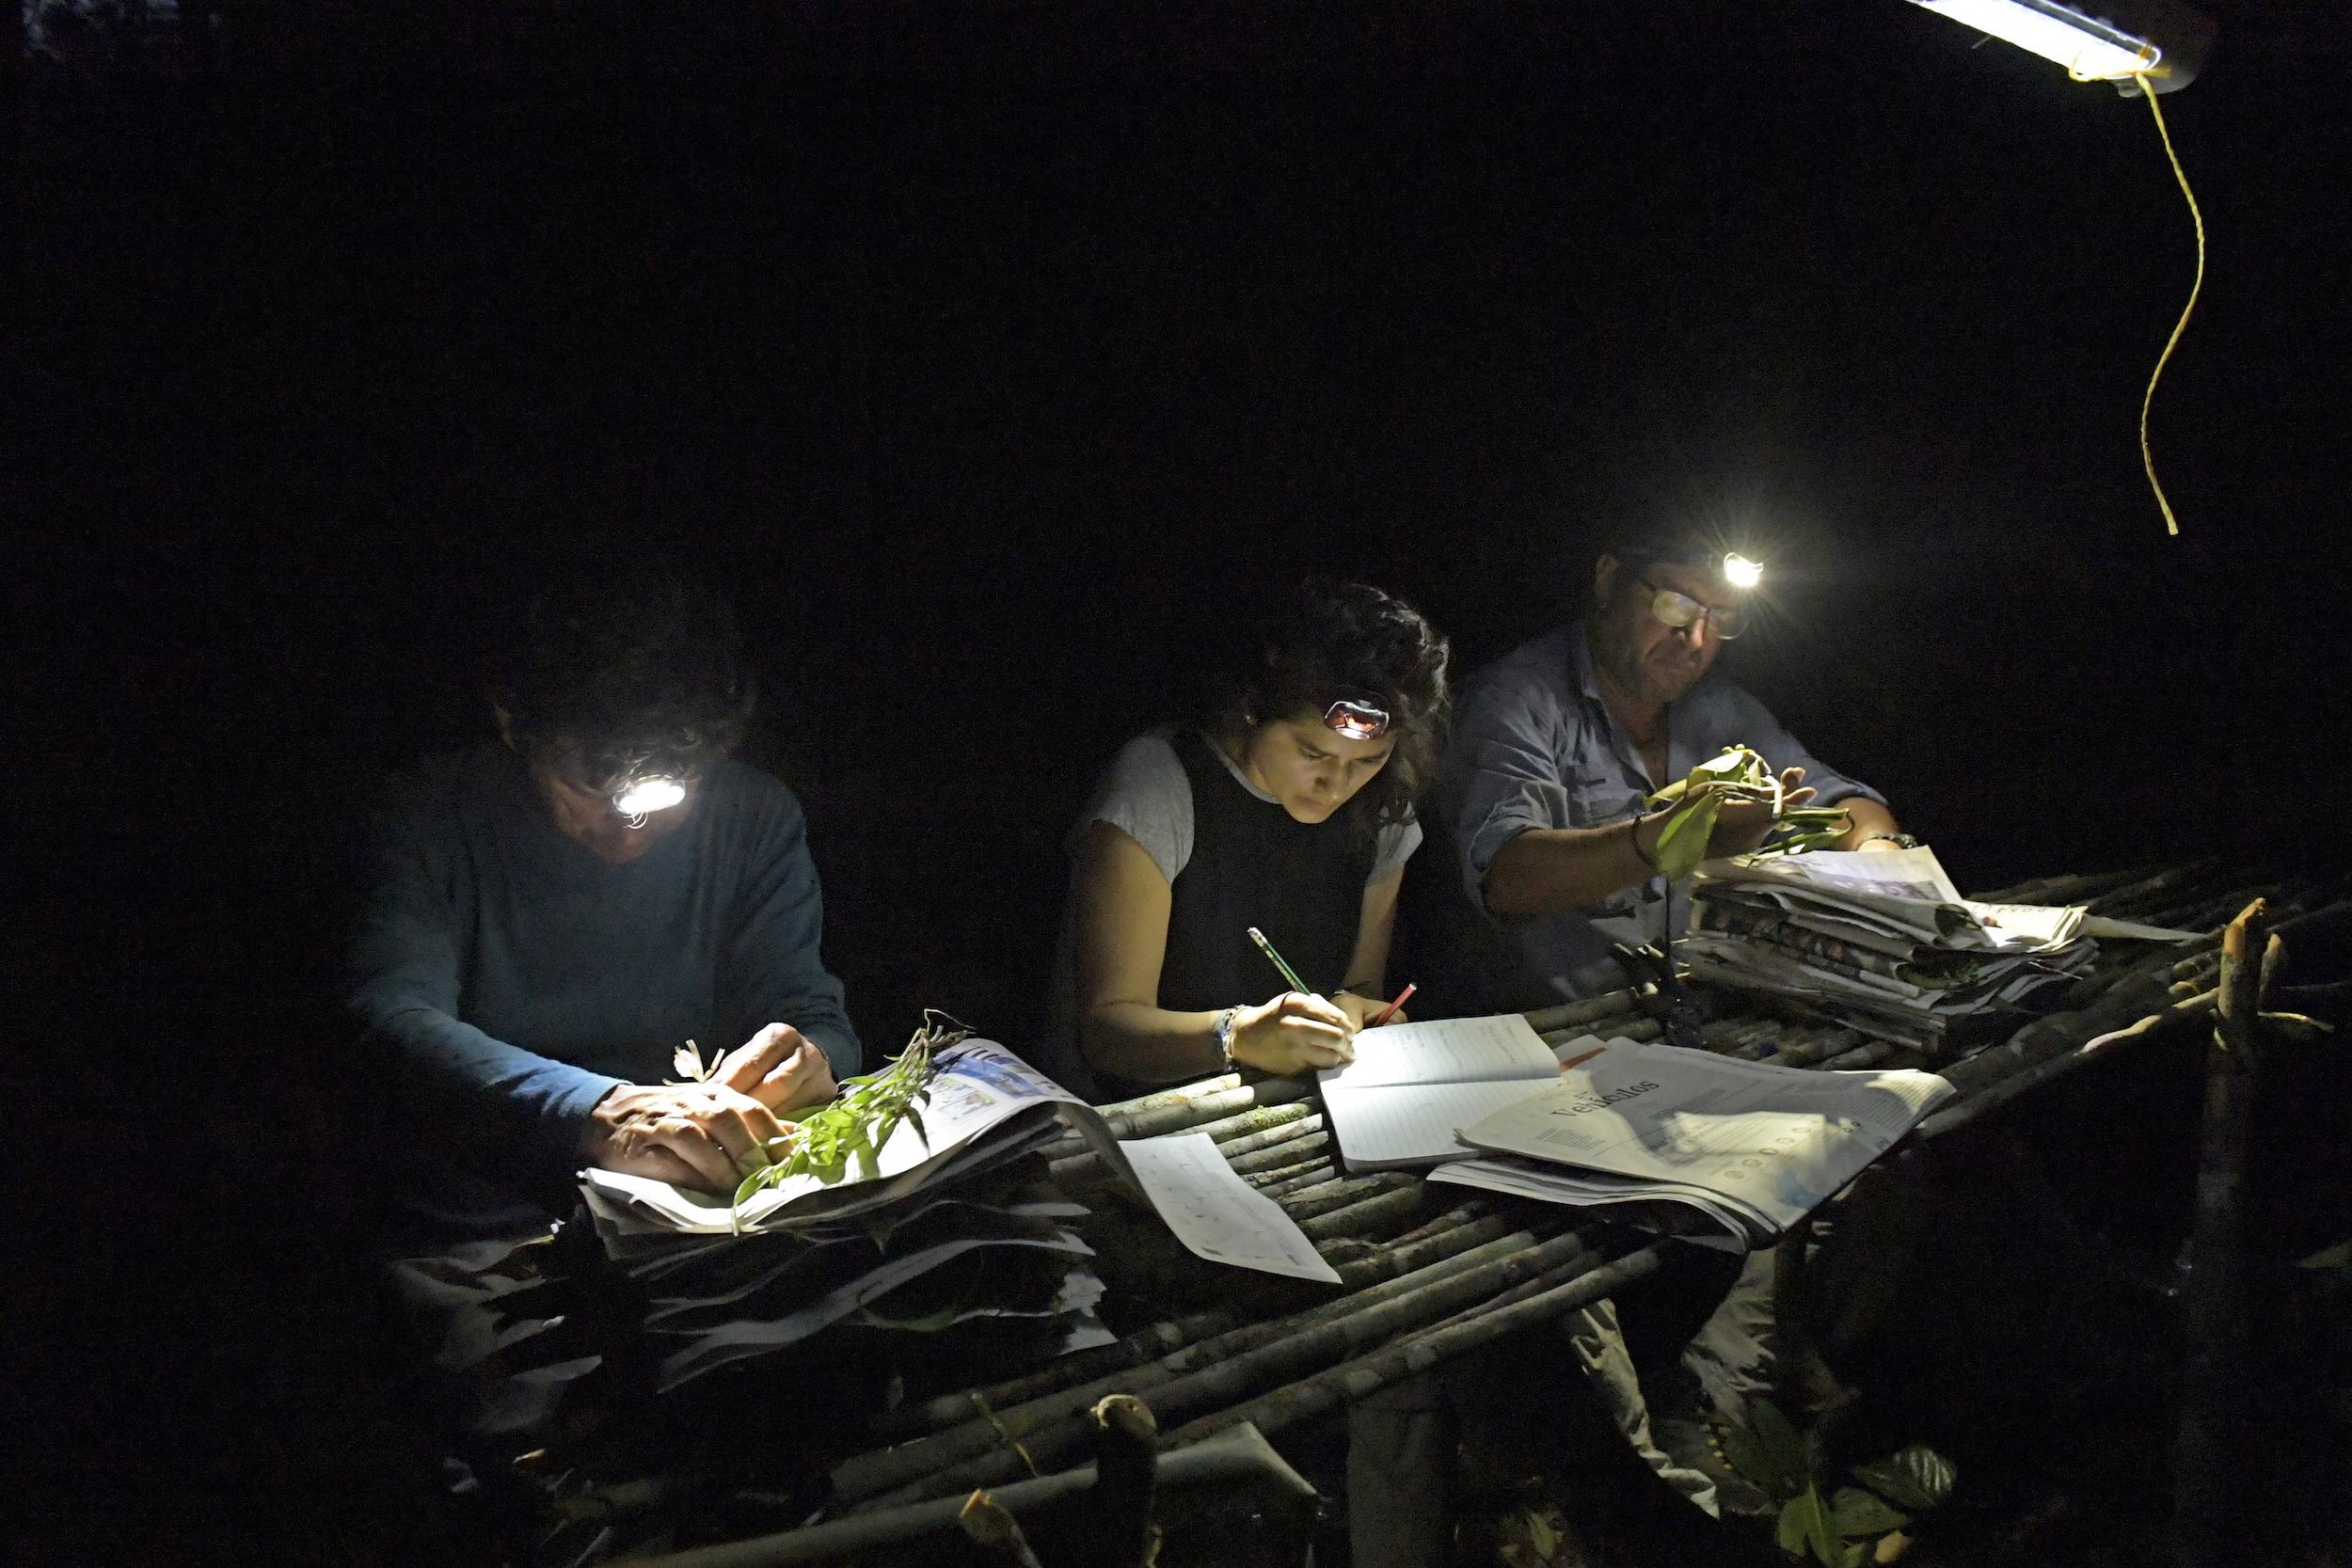 Apaporis Colombia. Biólogos registran los datos de las especies colectadas durante el día. Foto: Instituto SINCHI.